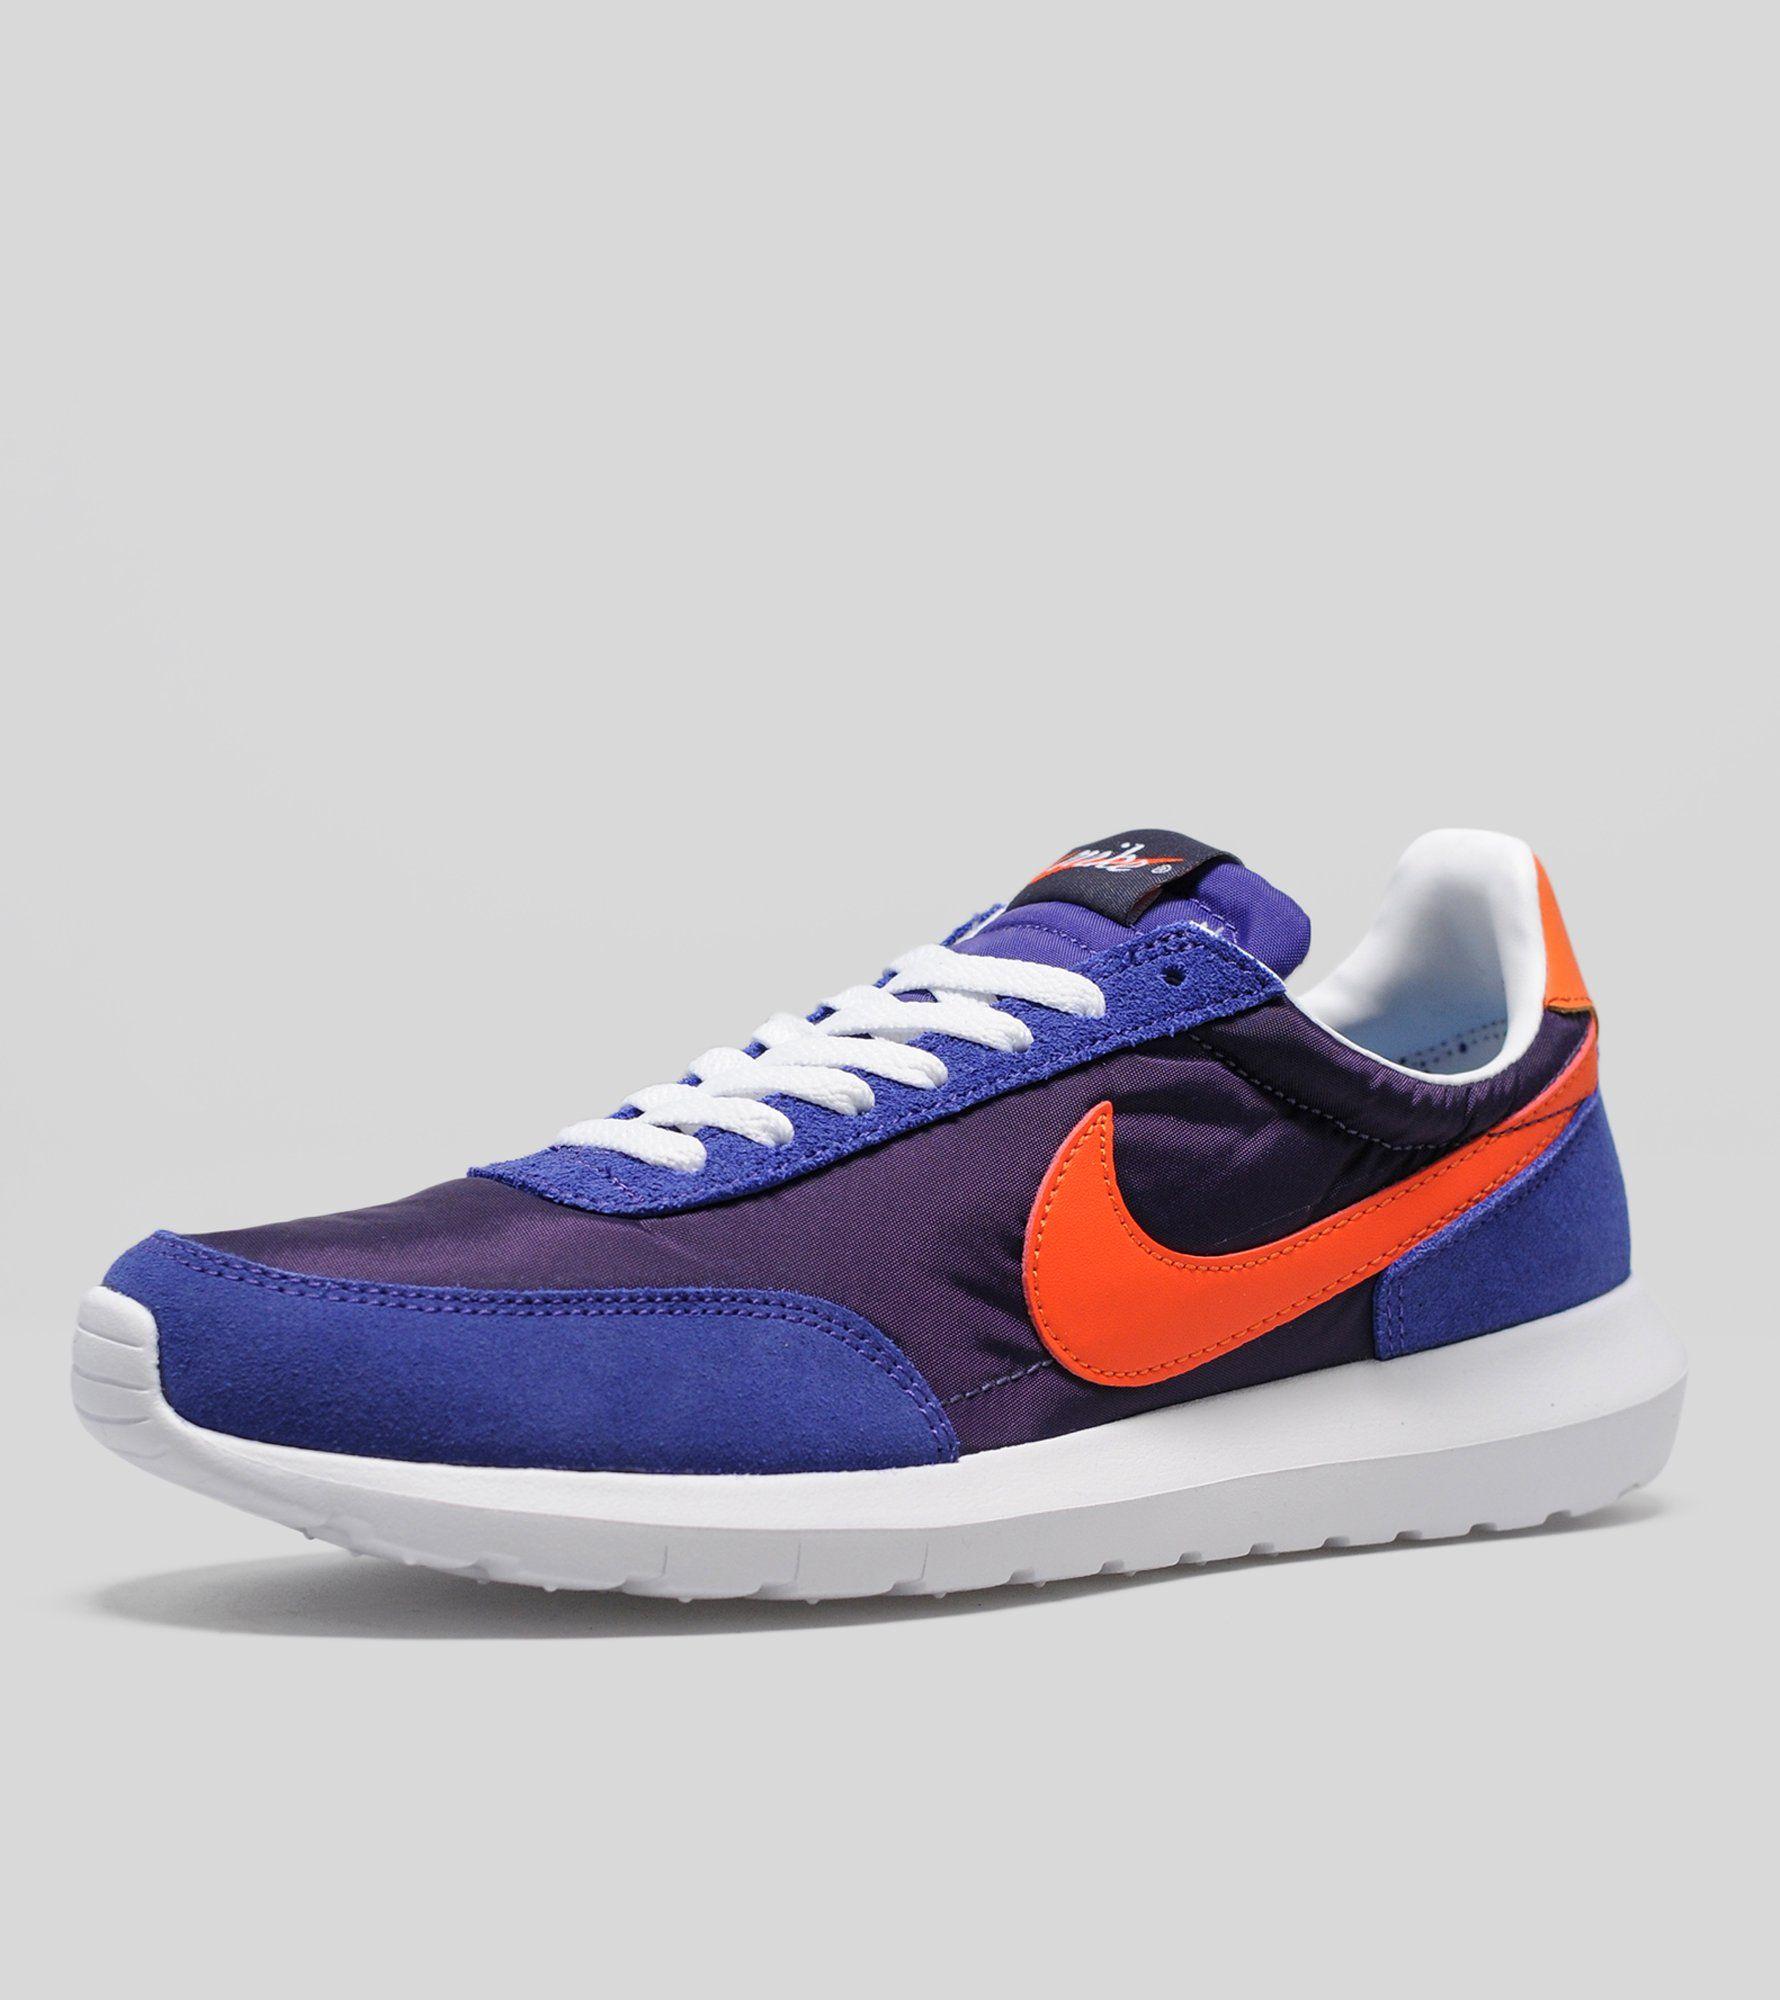 iyacz Nike Roshe Daybreak | Size?